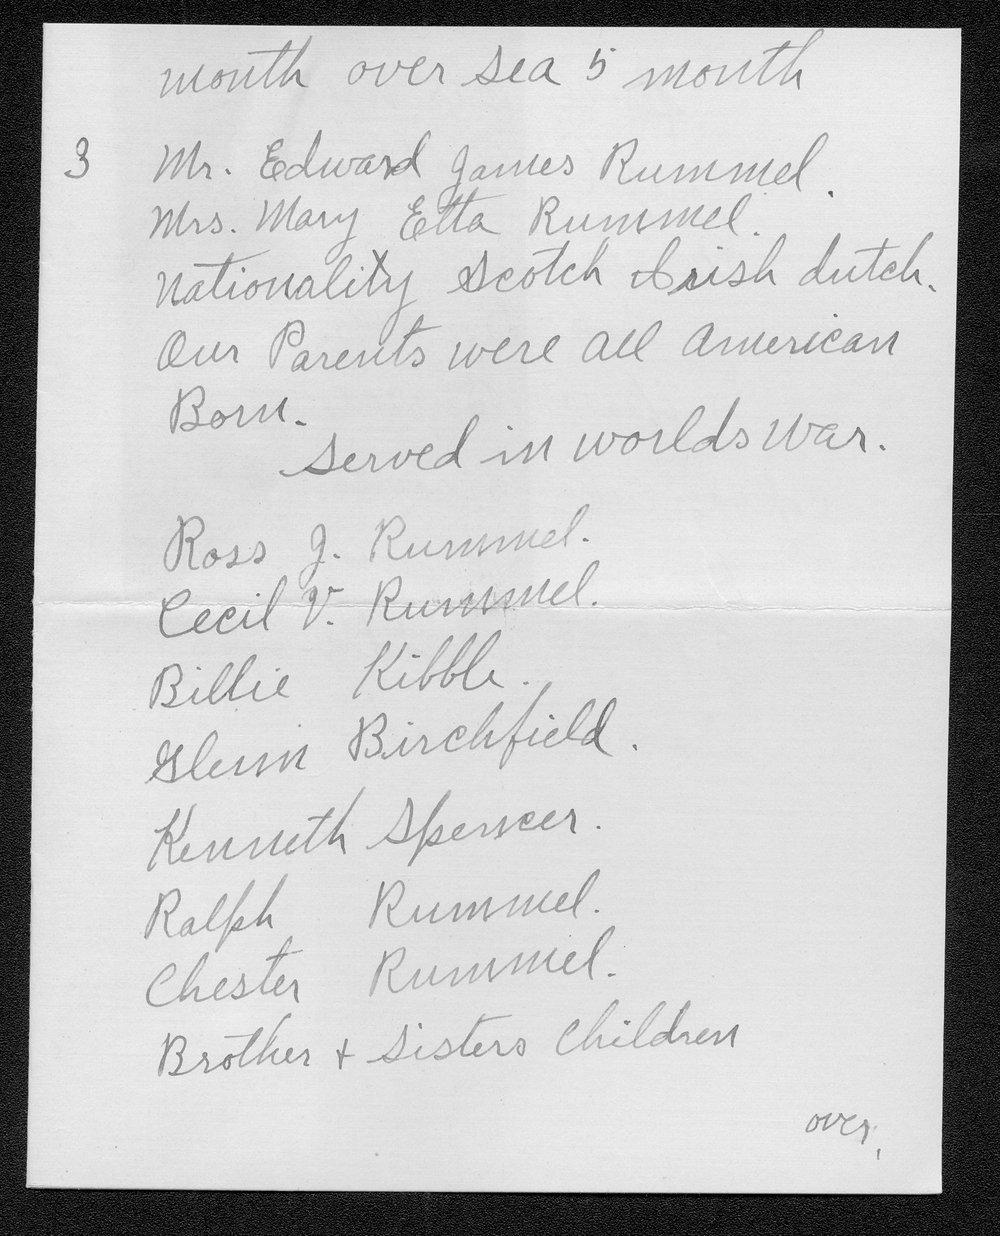 Ross J. Rummel, World War I soldier - 11